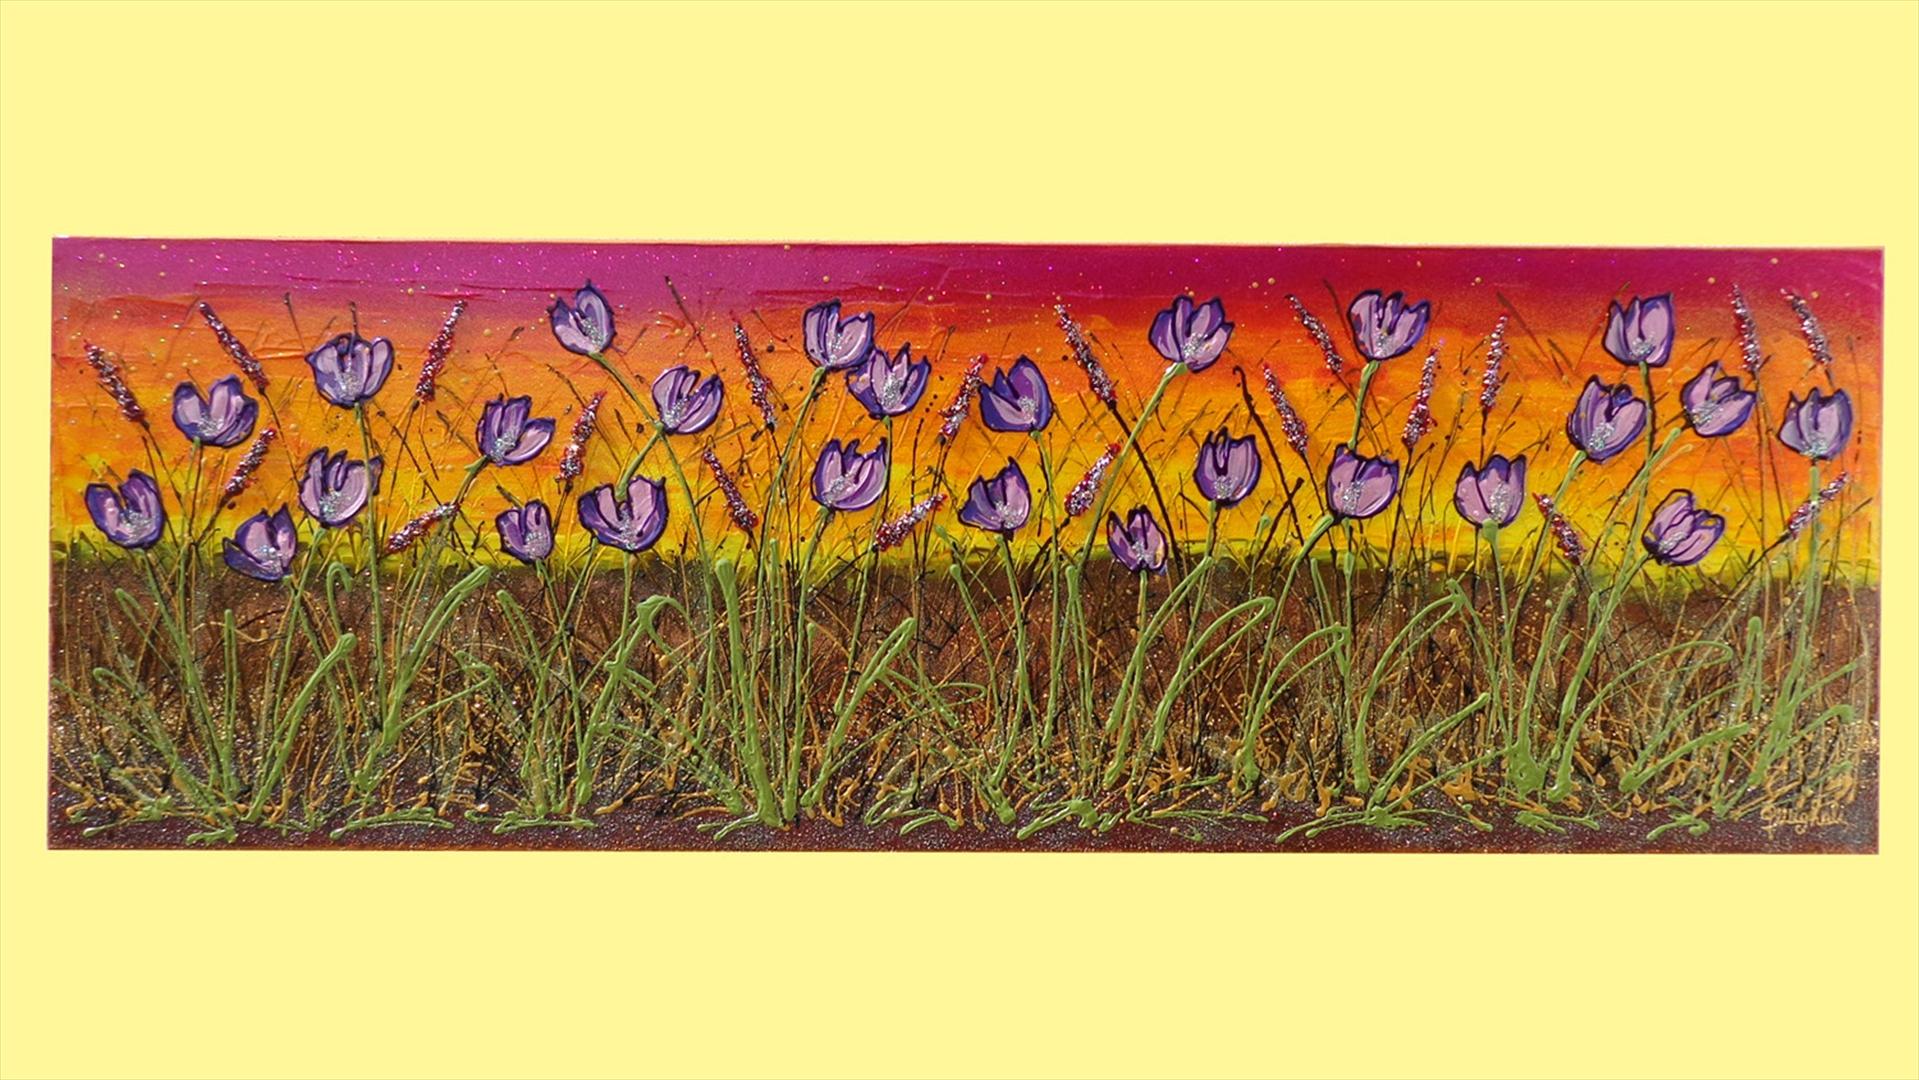 Distesa di tulipani viola vendita quadri online quadri for Quadri astratti immagini